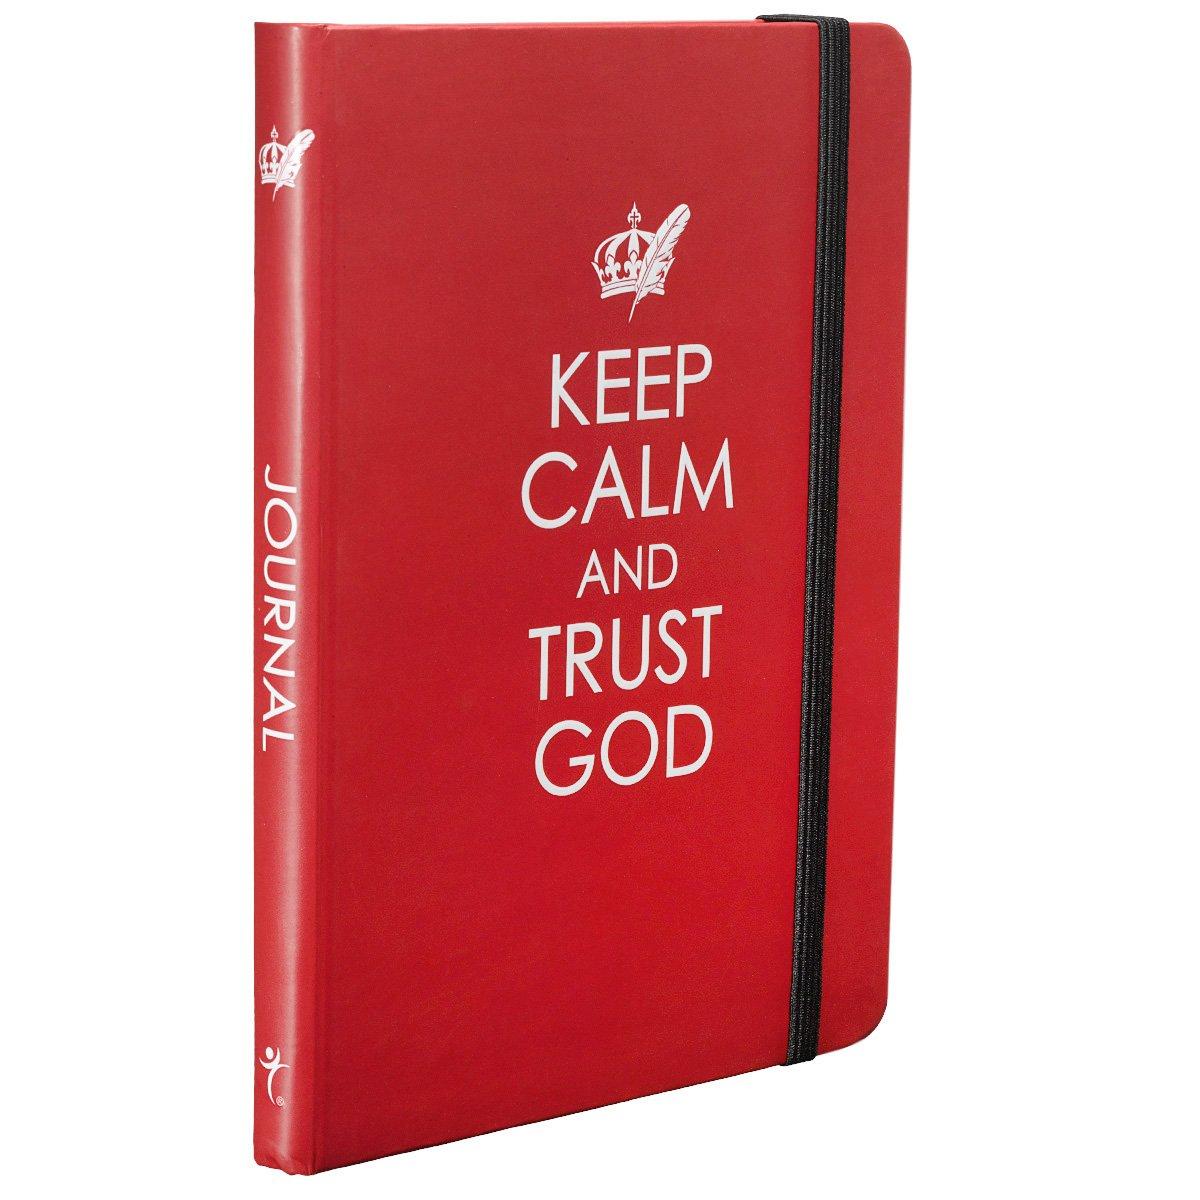 Bloco de notas Keep Calm and Trust God